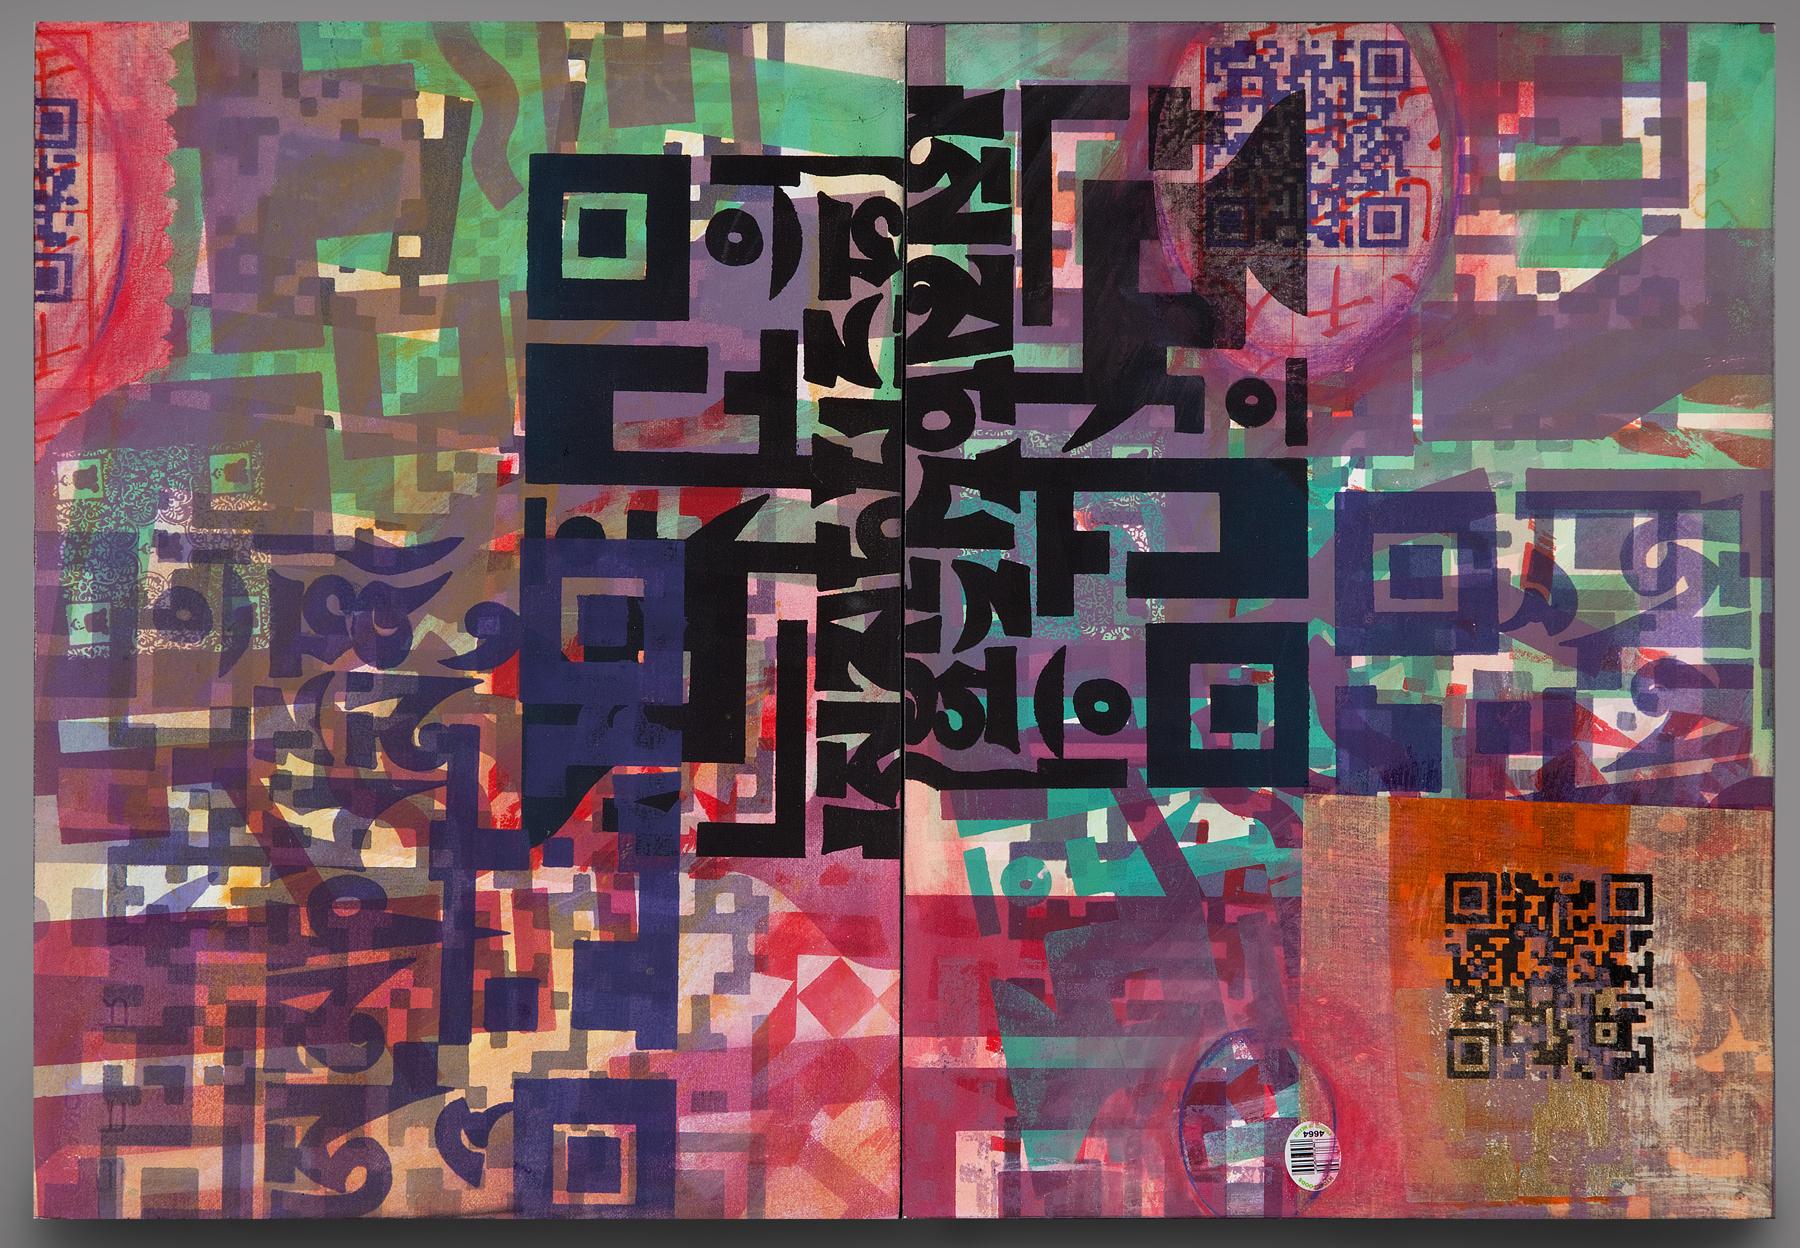 Digital Graffitti